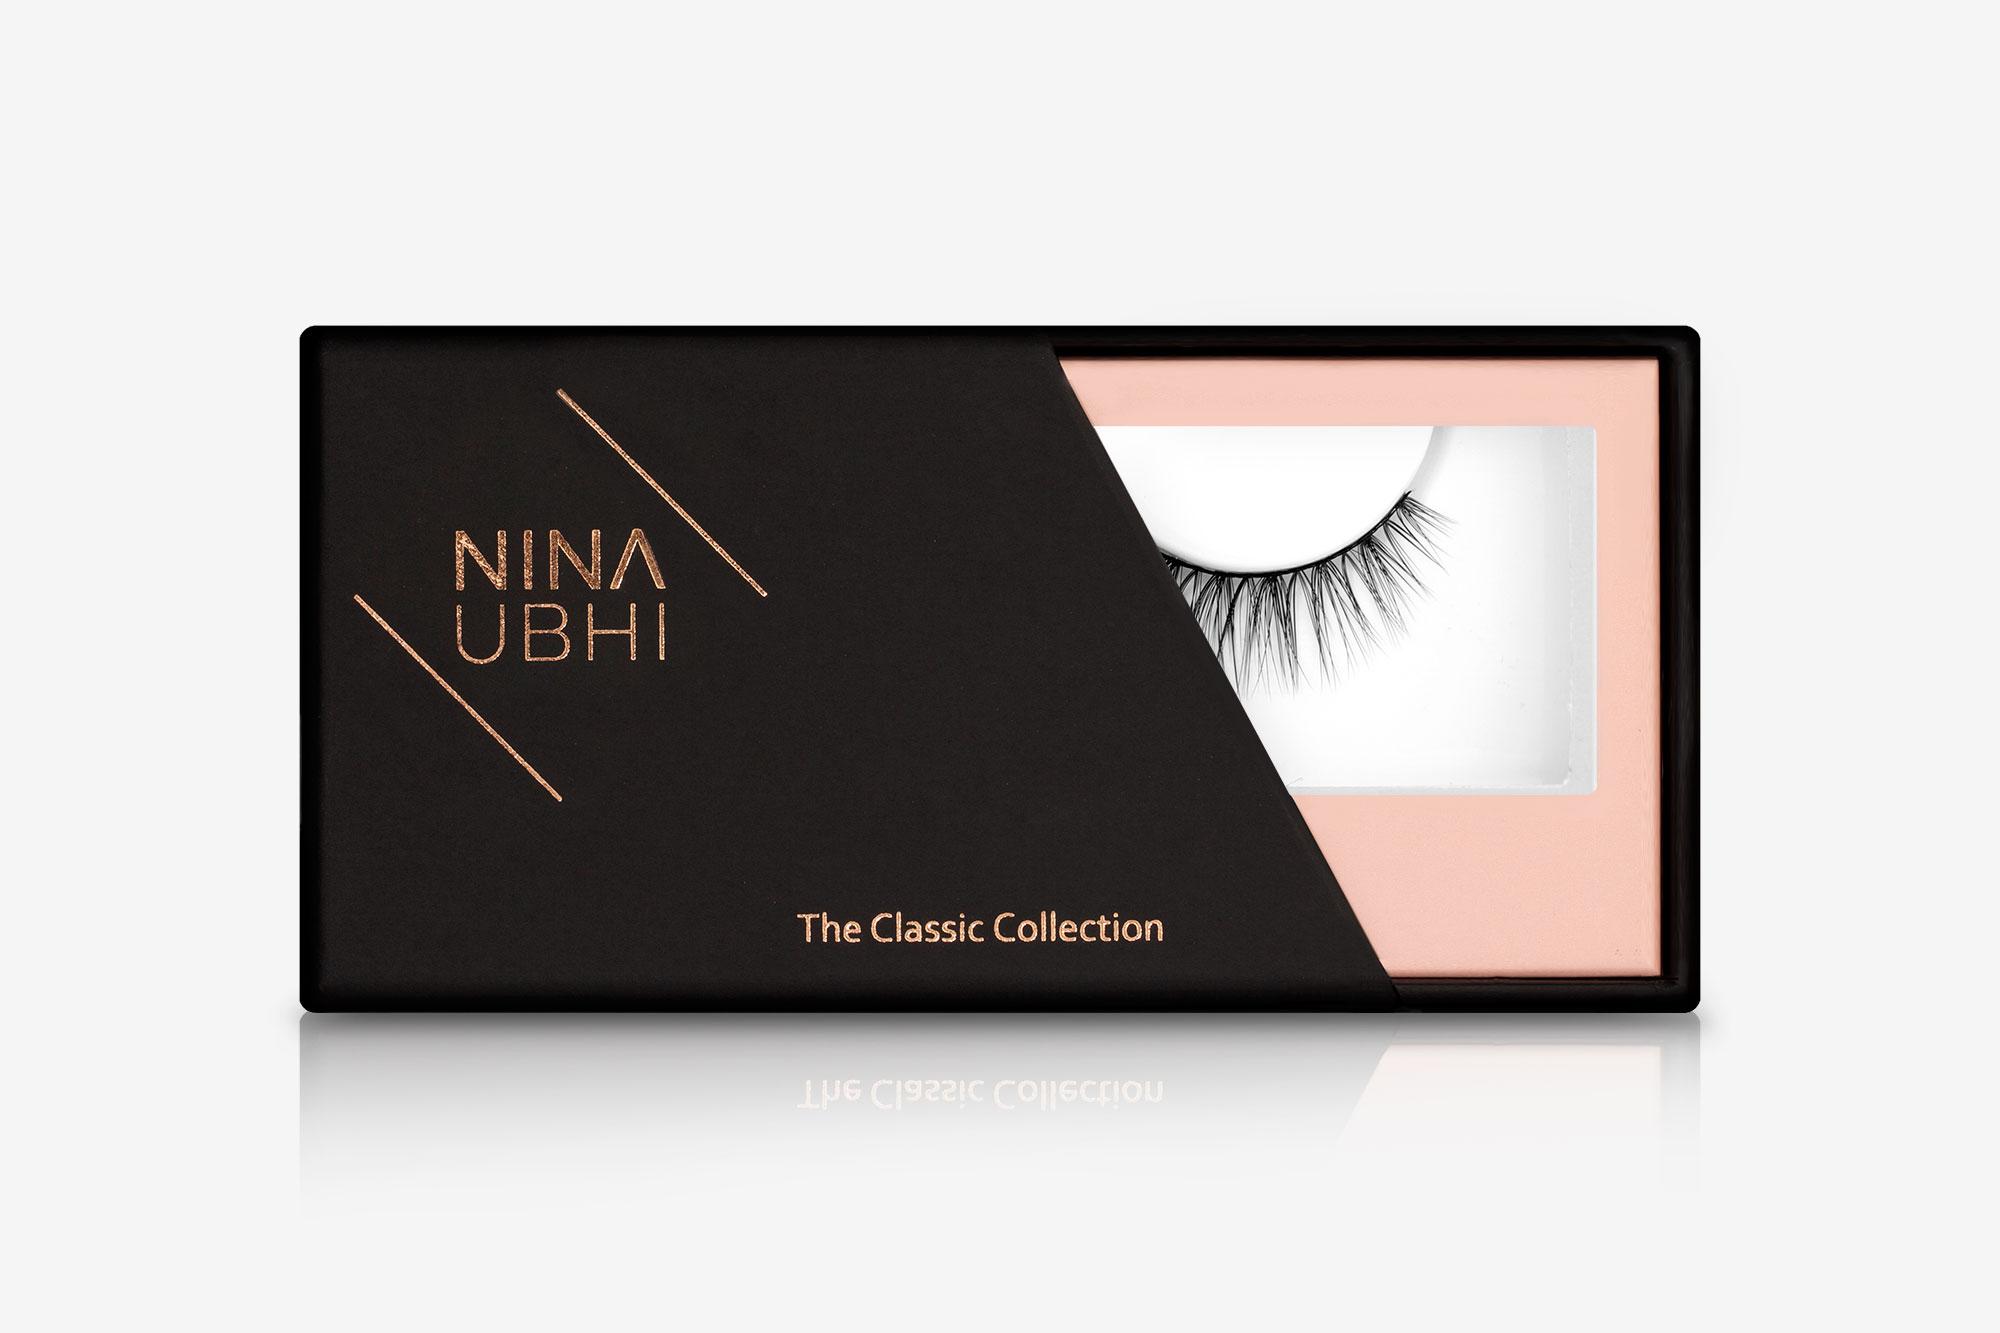 Poppy False Eyelashes, false eyelashes in a Nina Ubhi branded box